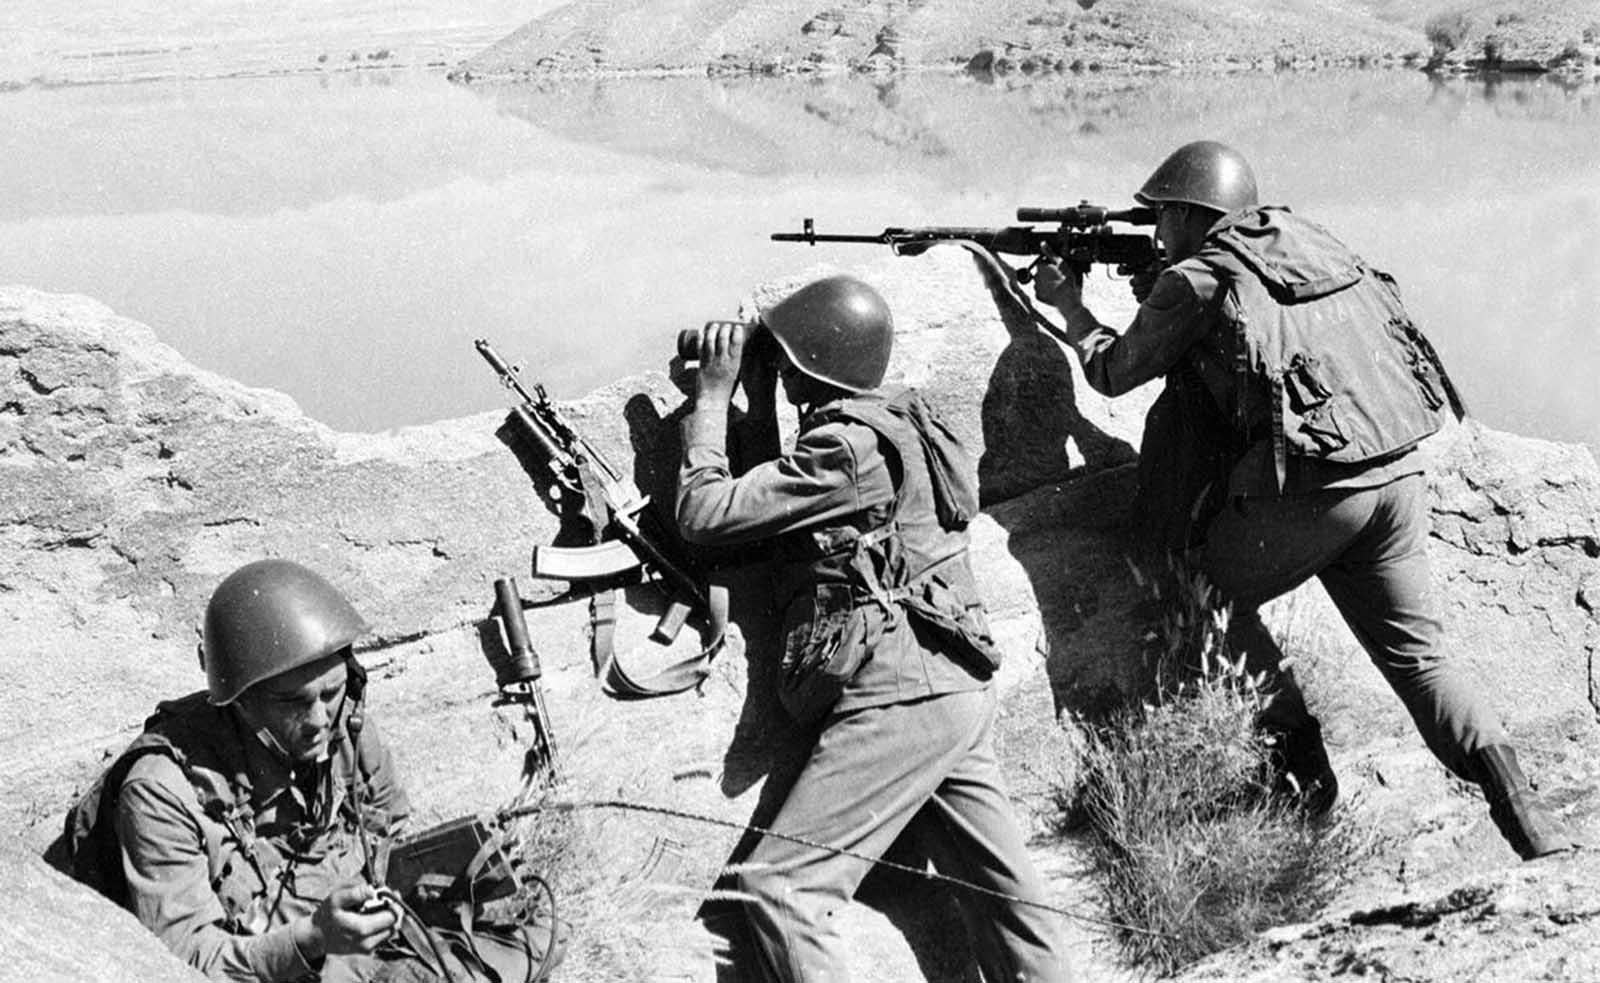 soldats soviétiques Soviet_war_in_afghanistan_in_pictures-12-jpg